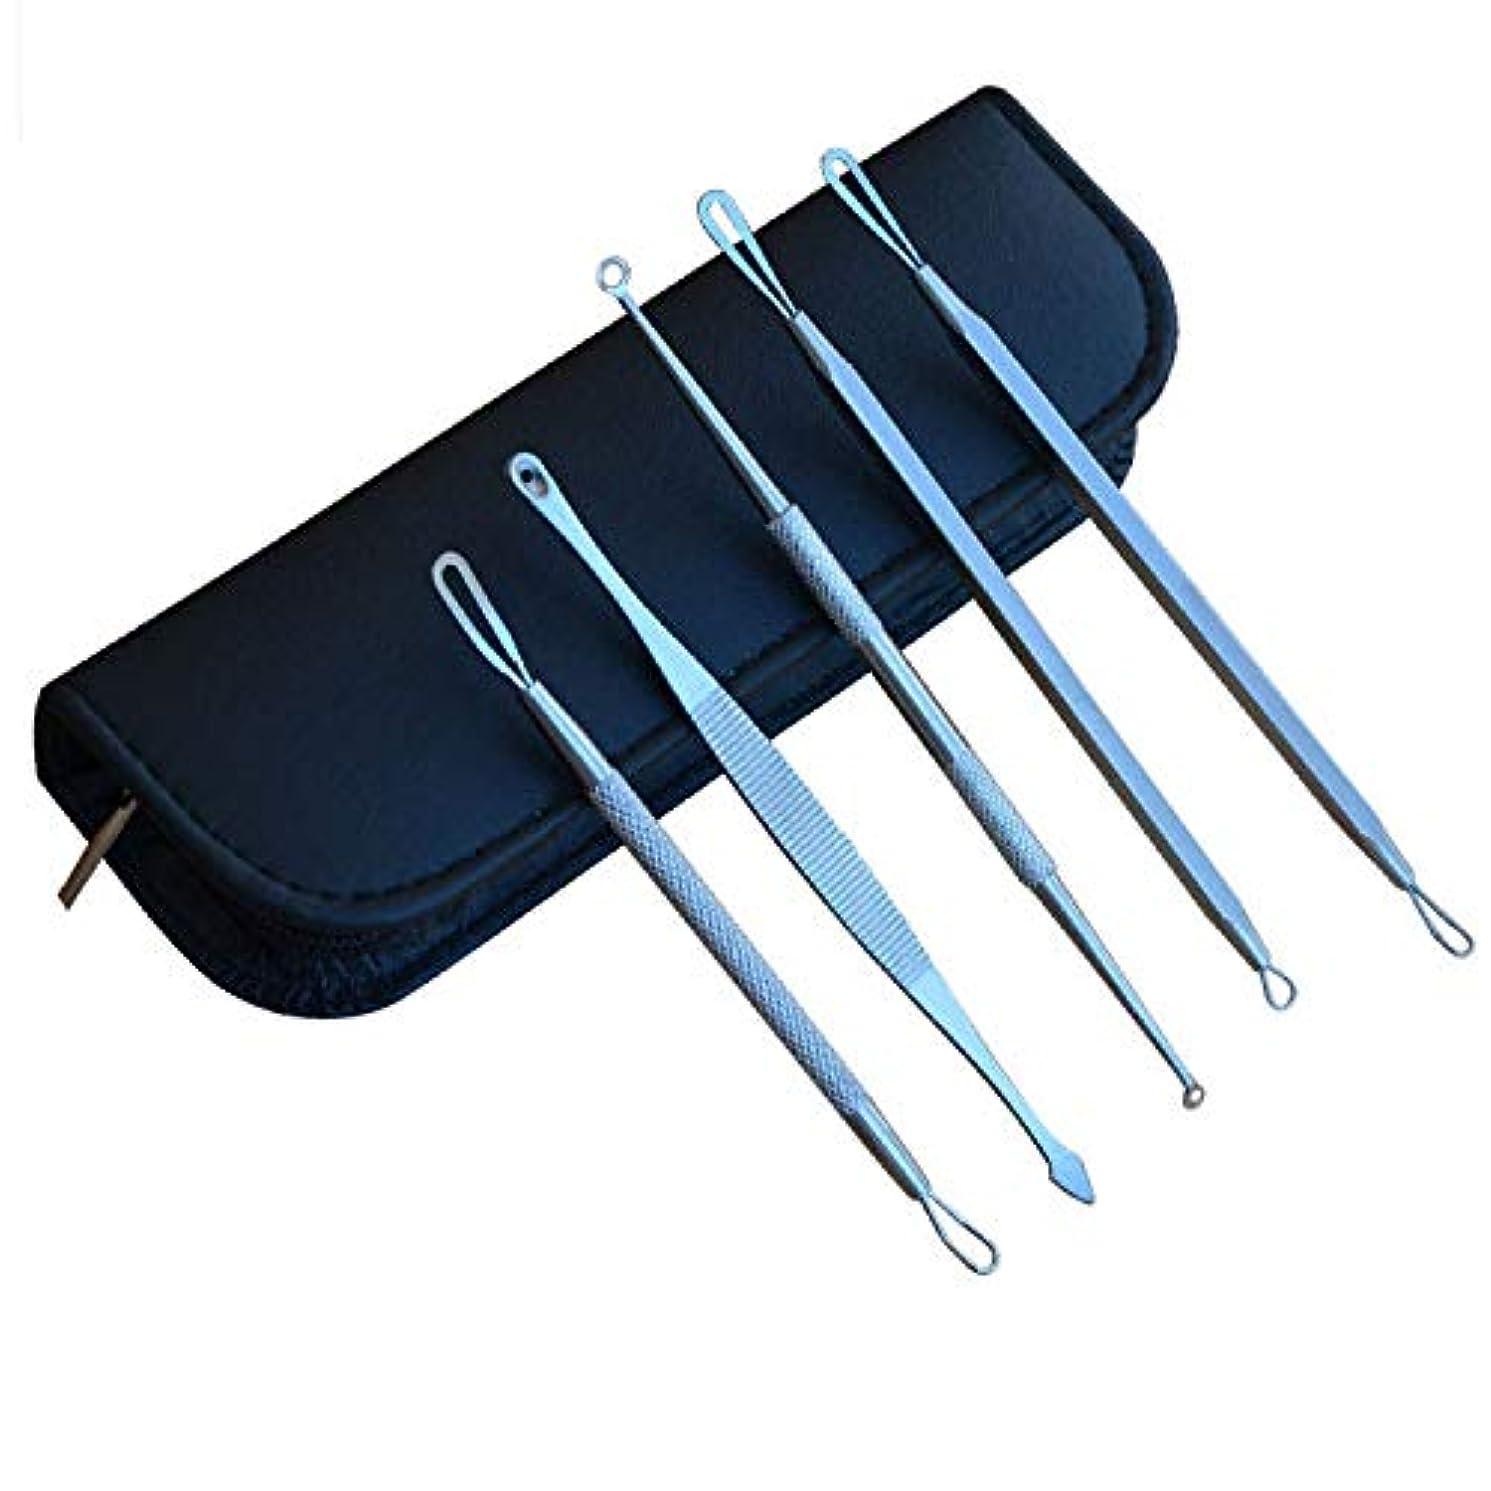 破滅的な練習した不平を言うKingsleyW 4-PCS PimpleExtractor、リスクフリーノーズフェースのための黒毛のケアのにきびツット除去ツール - ローズゴールドピンセットキット (色 : 黒)